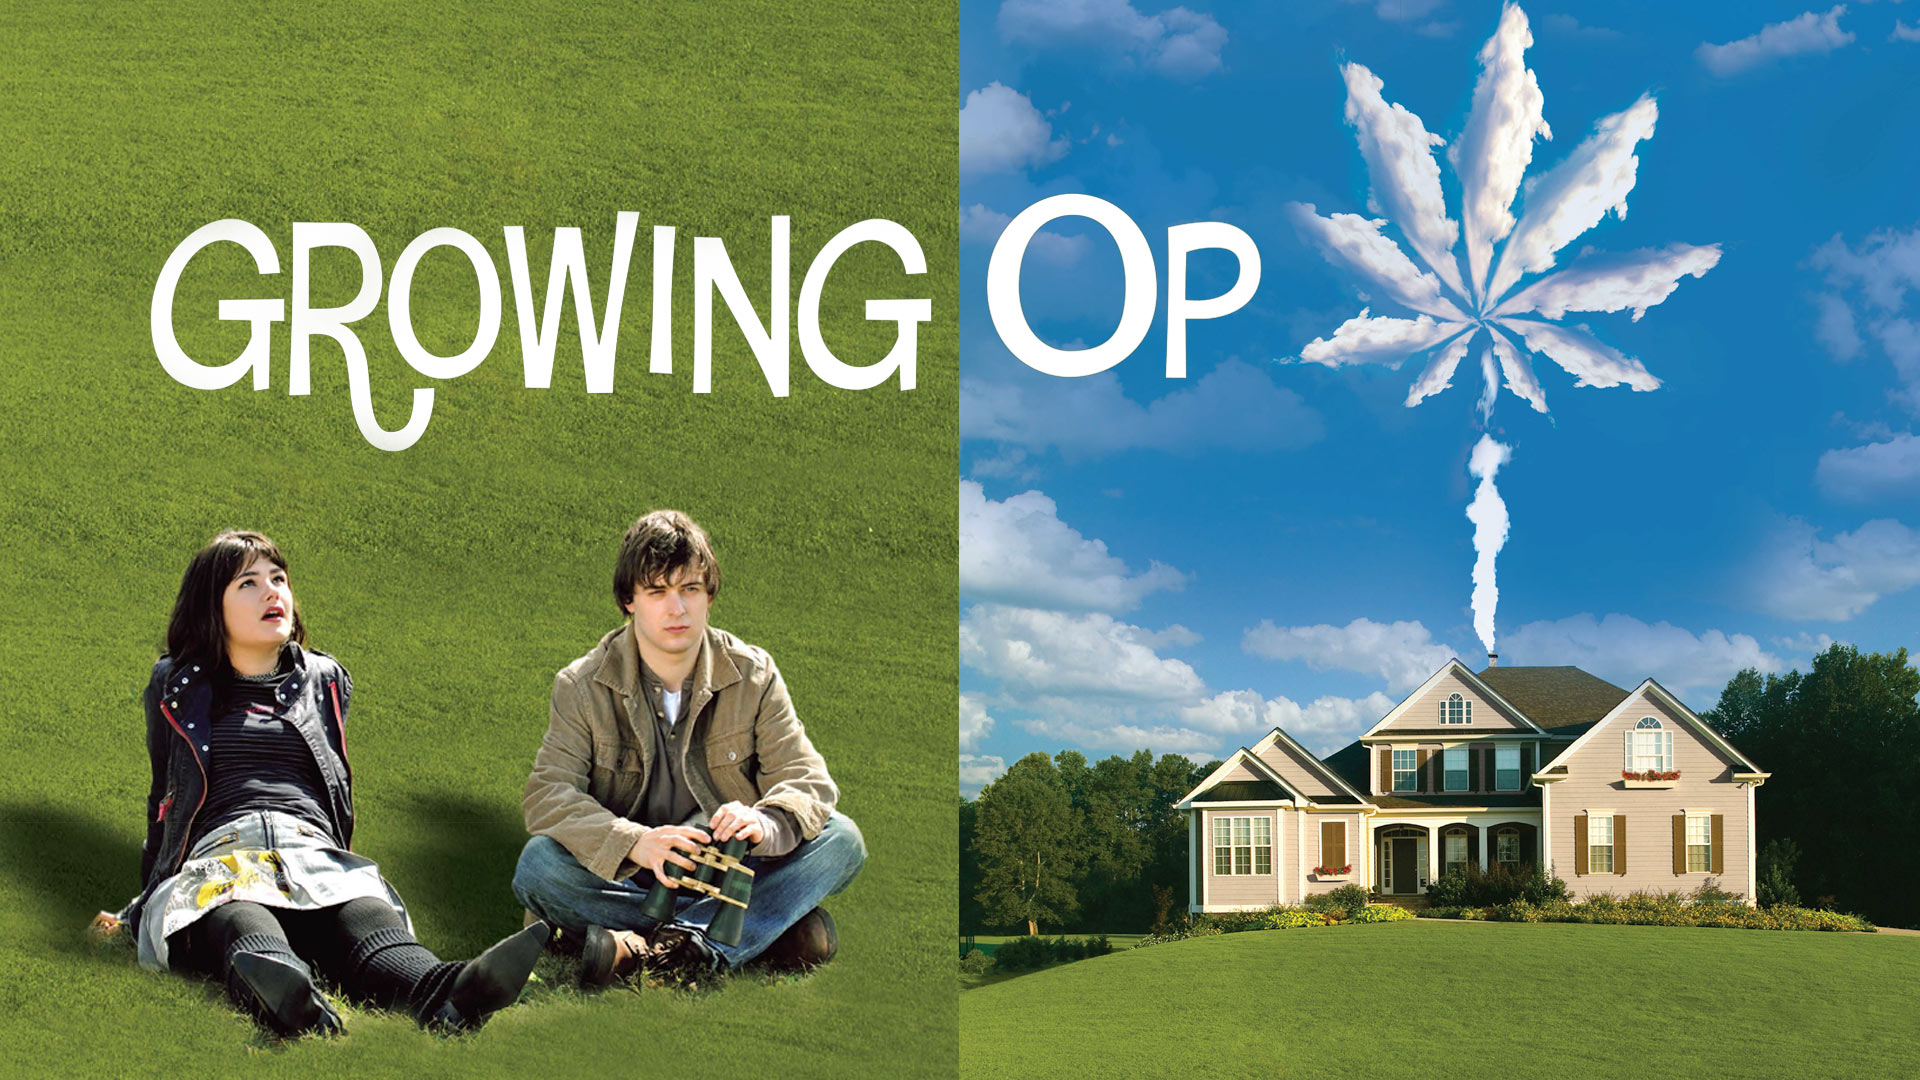 Growing Op